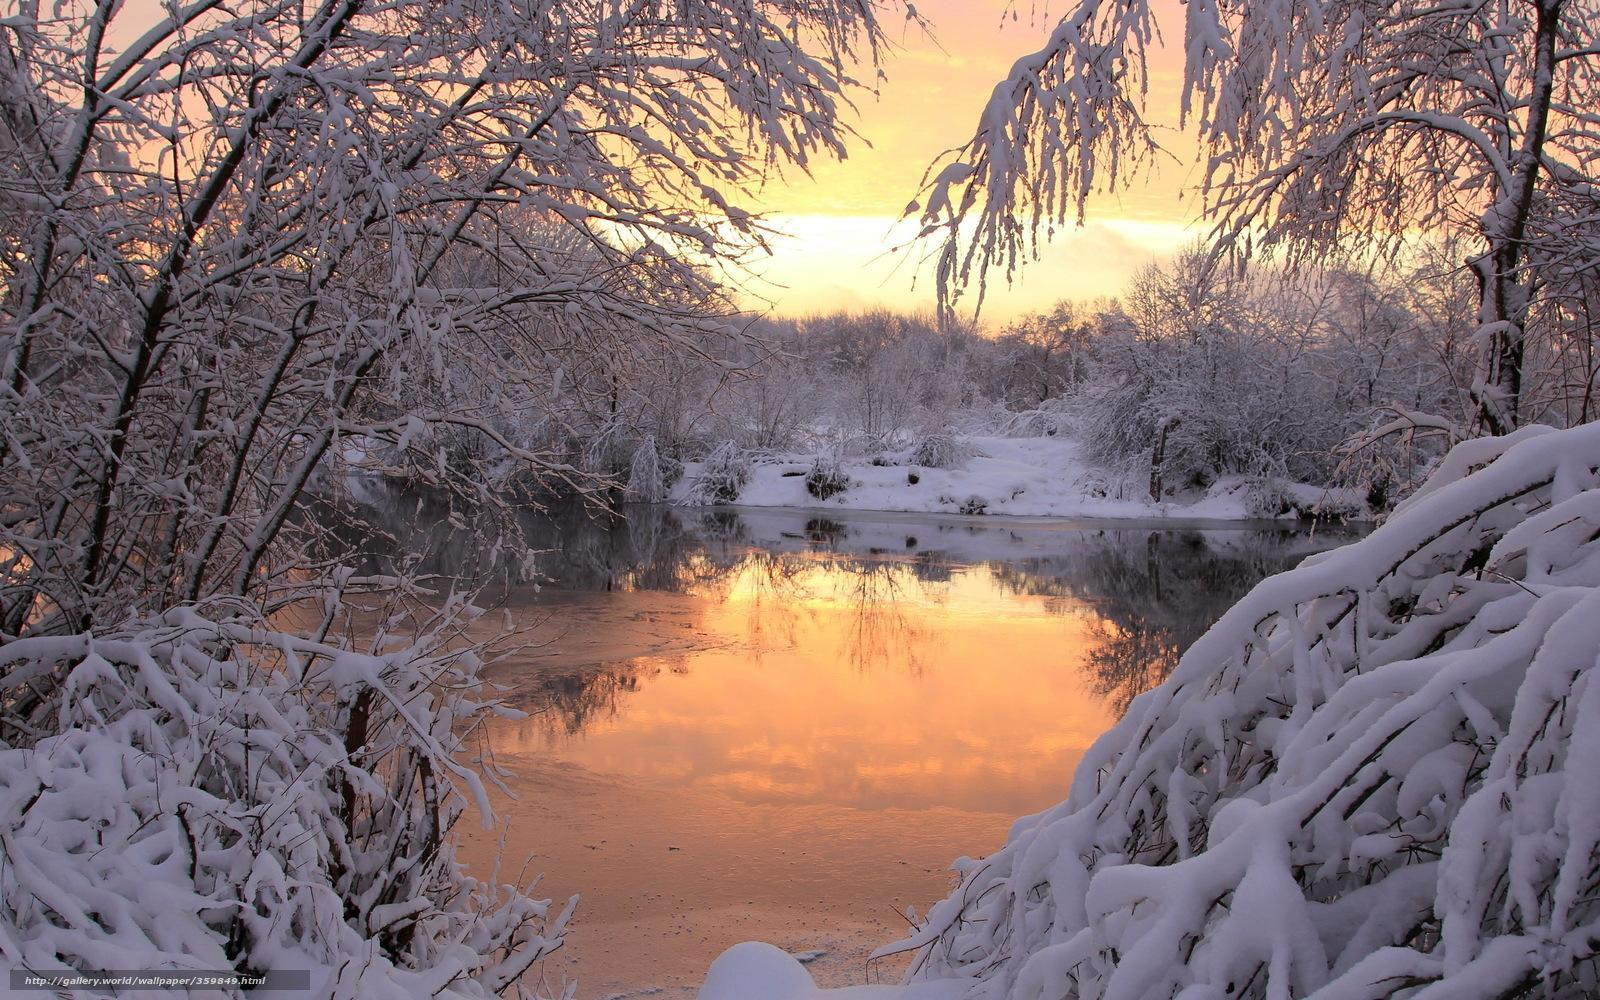 tlcharger fond d 39 ecran hiver coucher du soleil neige nature fonds d 39 ecran gratuits pour votre. Black Bedroom Furniture Sets. Home Design Ideas